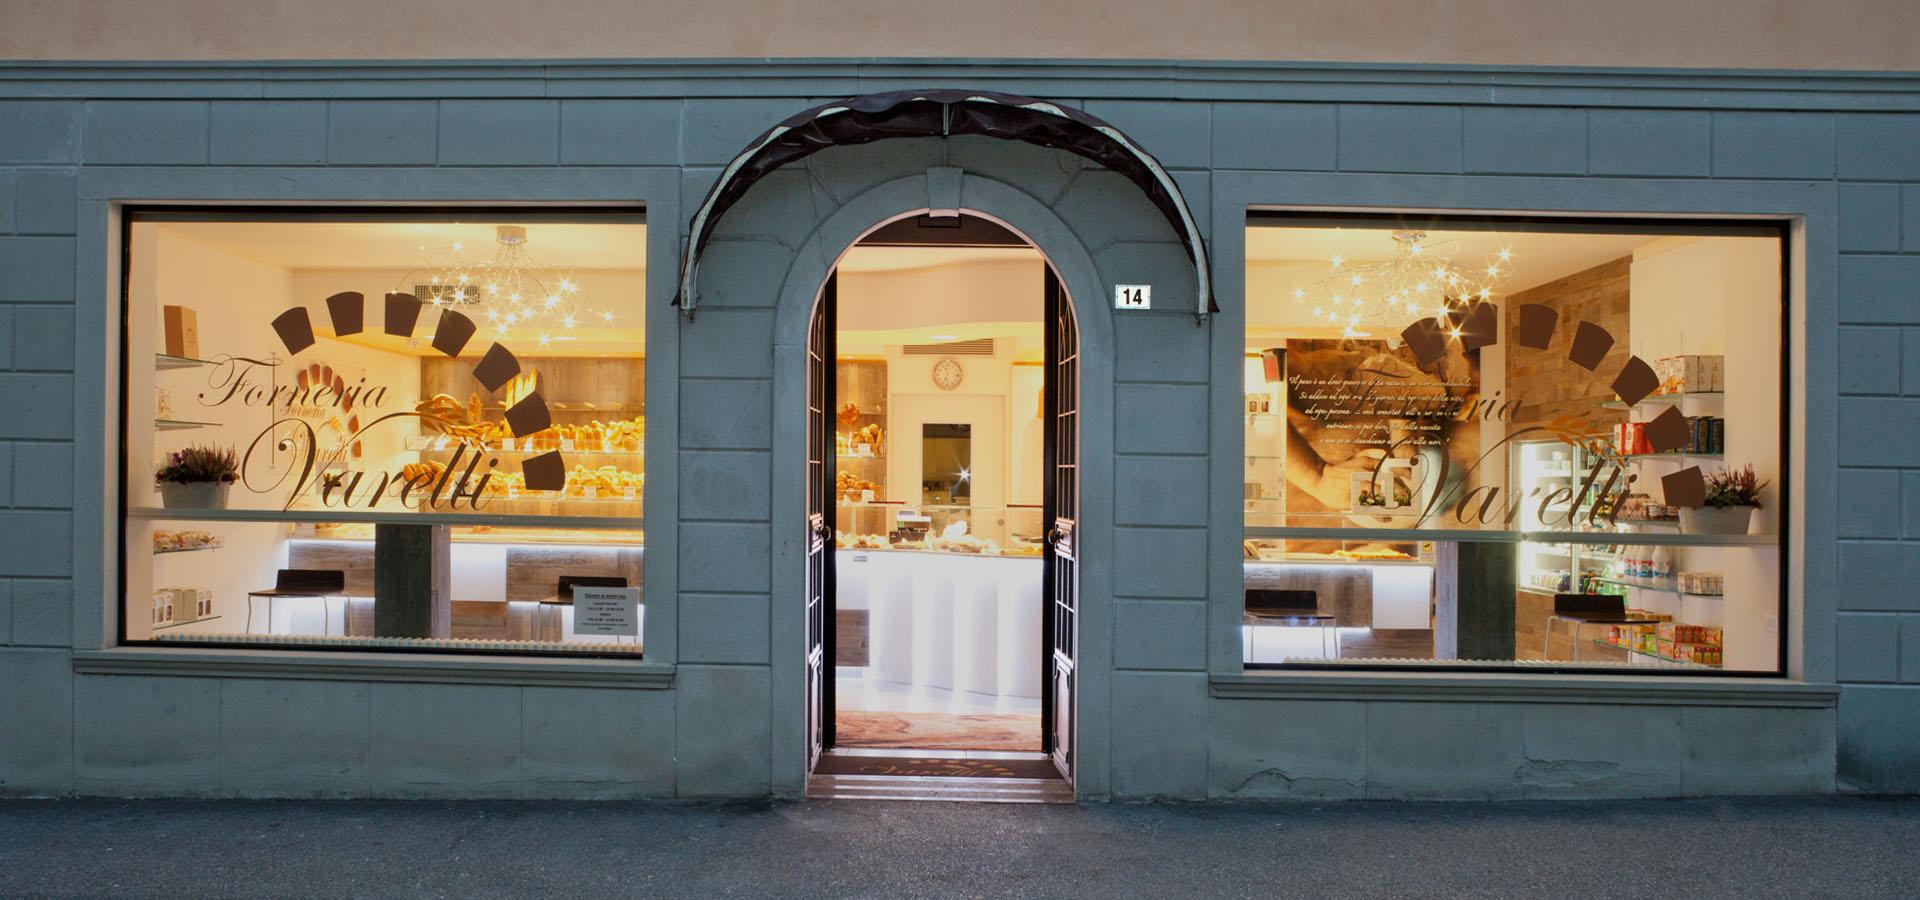 Forneria Varelli  – Panificio Bergamo